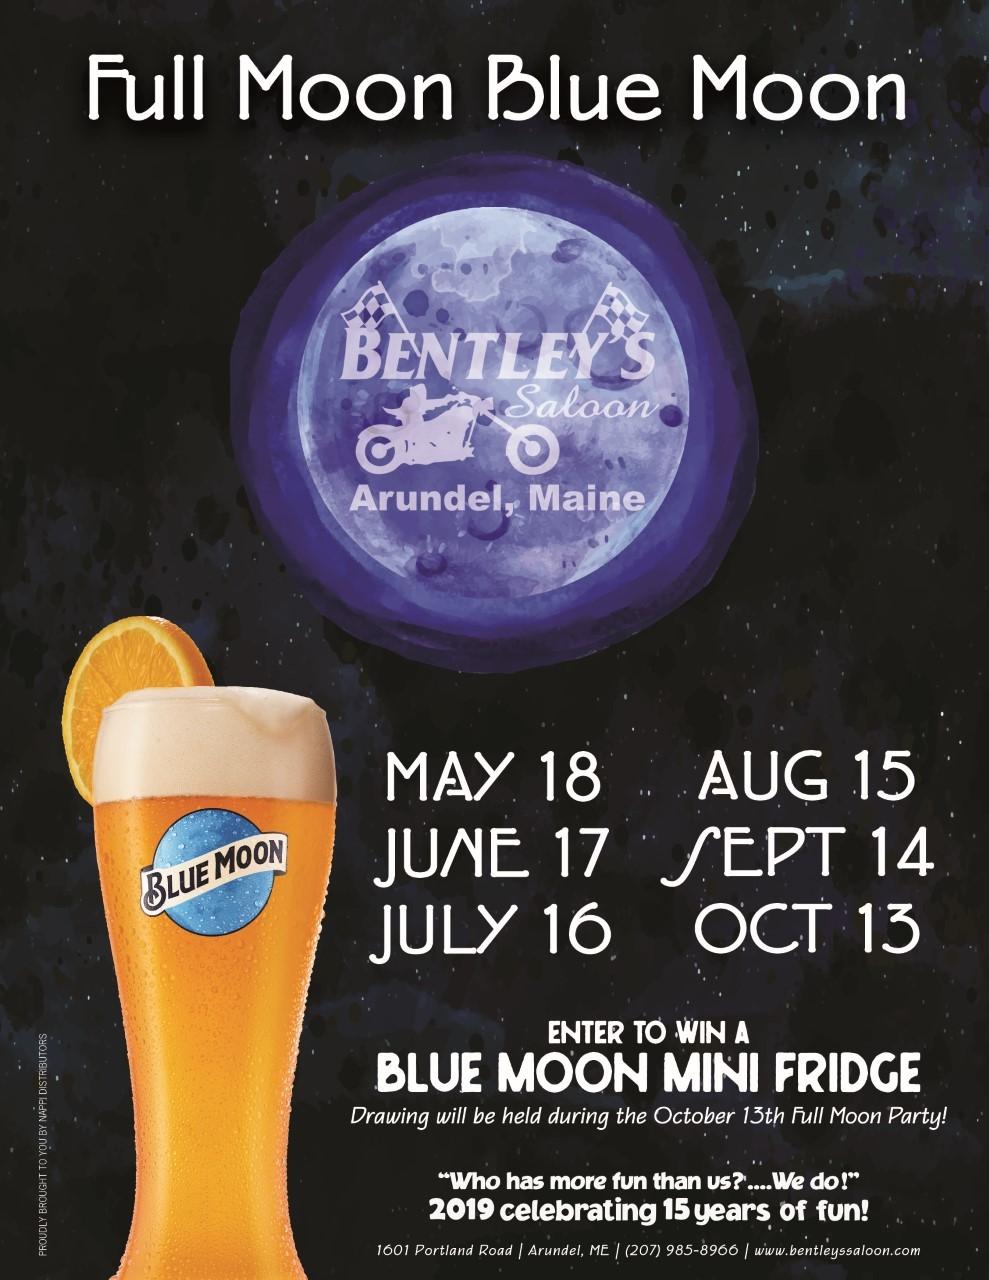 BLUE MOON FULL MOON - Bentley's Saloon